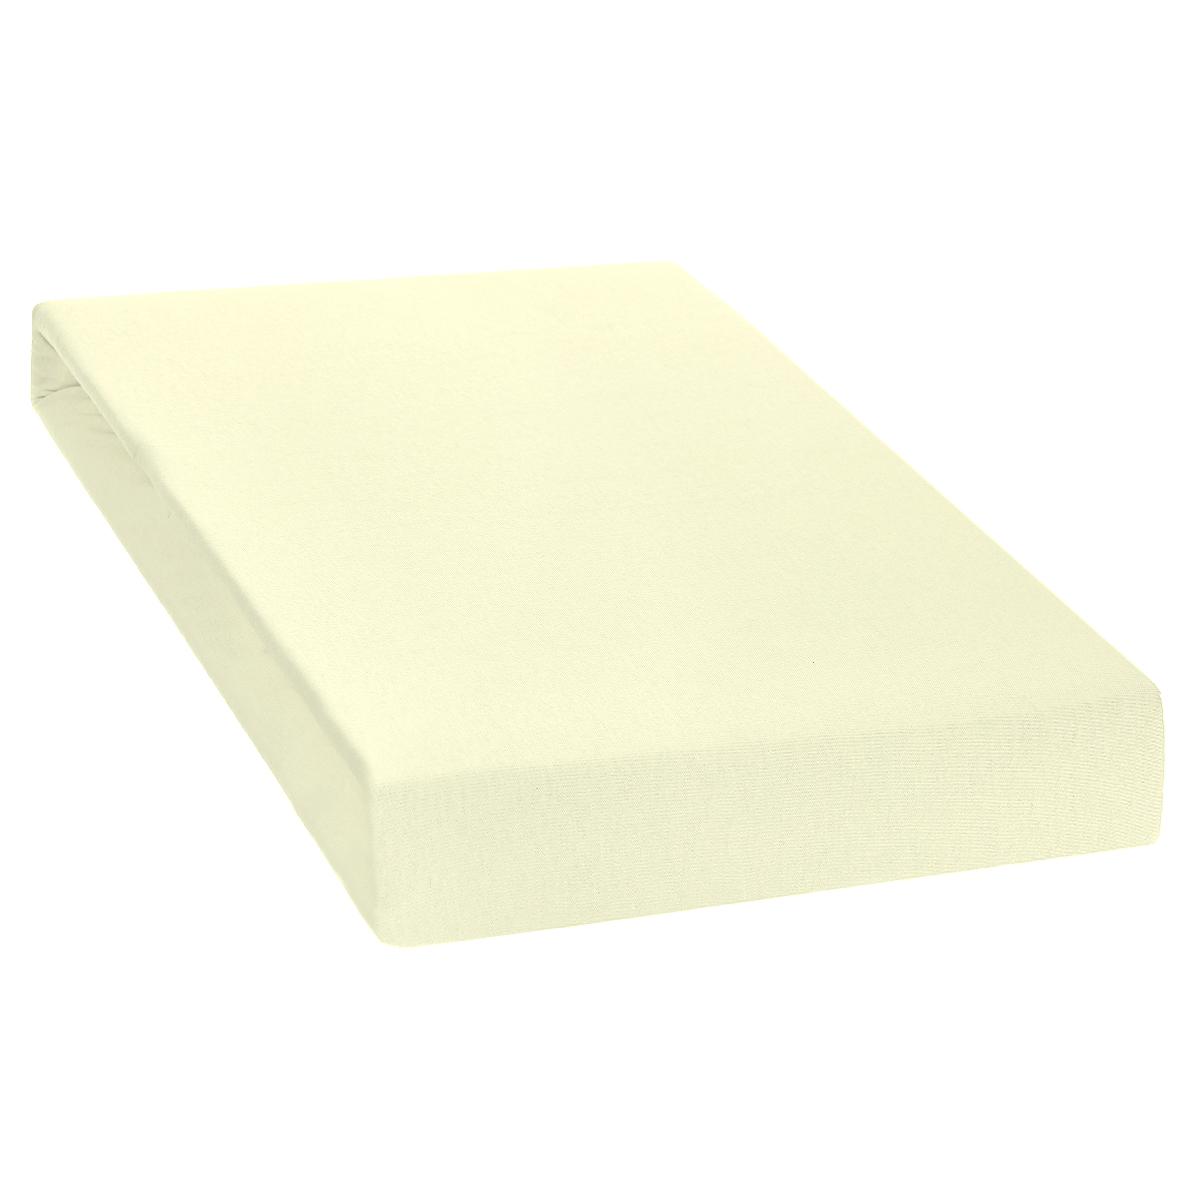 Простыня на резинке Tete-a-Tete, цвет: лимон, 200 см х 200 смТ-ПР-6011Однотонная простыня на резинке Tete-a-Tete выполнена из натурального хлопка. Высочайшее качество материала гарантирует безопасность не только взрослых, но и самых маленьких членов семьи. Простыня гармонично впишется в интерьер вашего дома и создаст атмосферу уюта и комфорта.Особенности коллекции Tete-a-Tete:- выдерживает более 100 стирок практически без изменения внешнего вида,- модные цвета и стойкие оттенки,- минимальная усадка,- надежные резинки и износостойкая ткань,- безупречное качество,- гиппоаллергенно.Коллекция Tete-a-Tete специально создана для практичных людей, которые ценят качество и долговечность вещей, окружают своих близких теплотой и заботой.